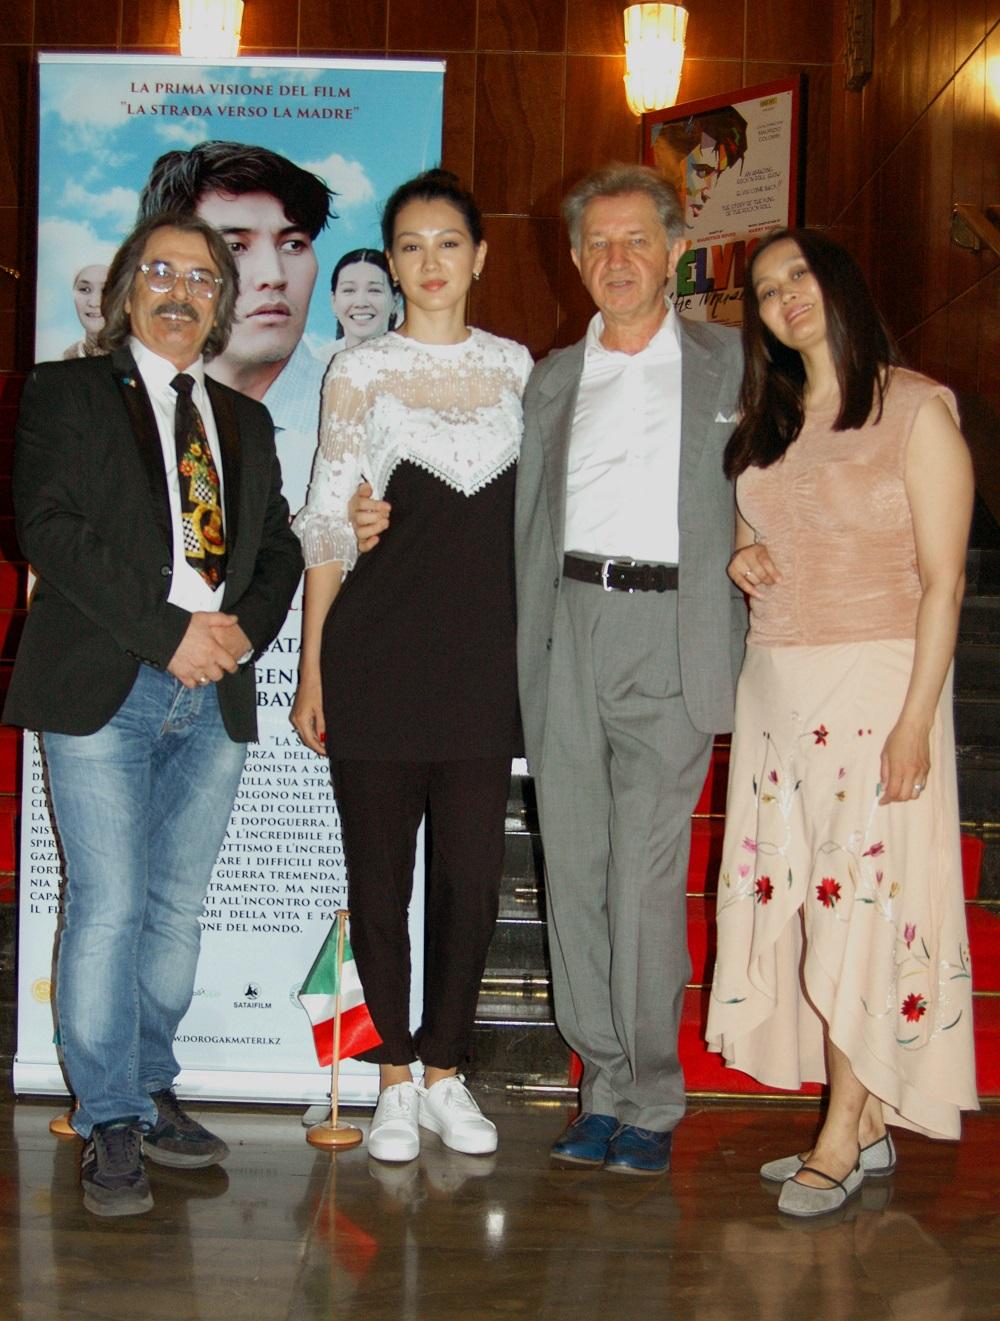 Milano  TEATRO NUOVO  le attrici del  Film LASTRADA VERSO LA MADRE